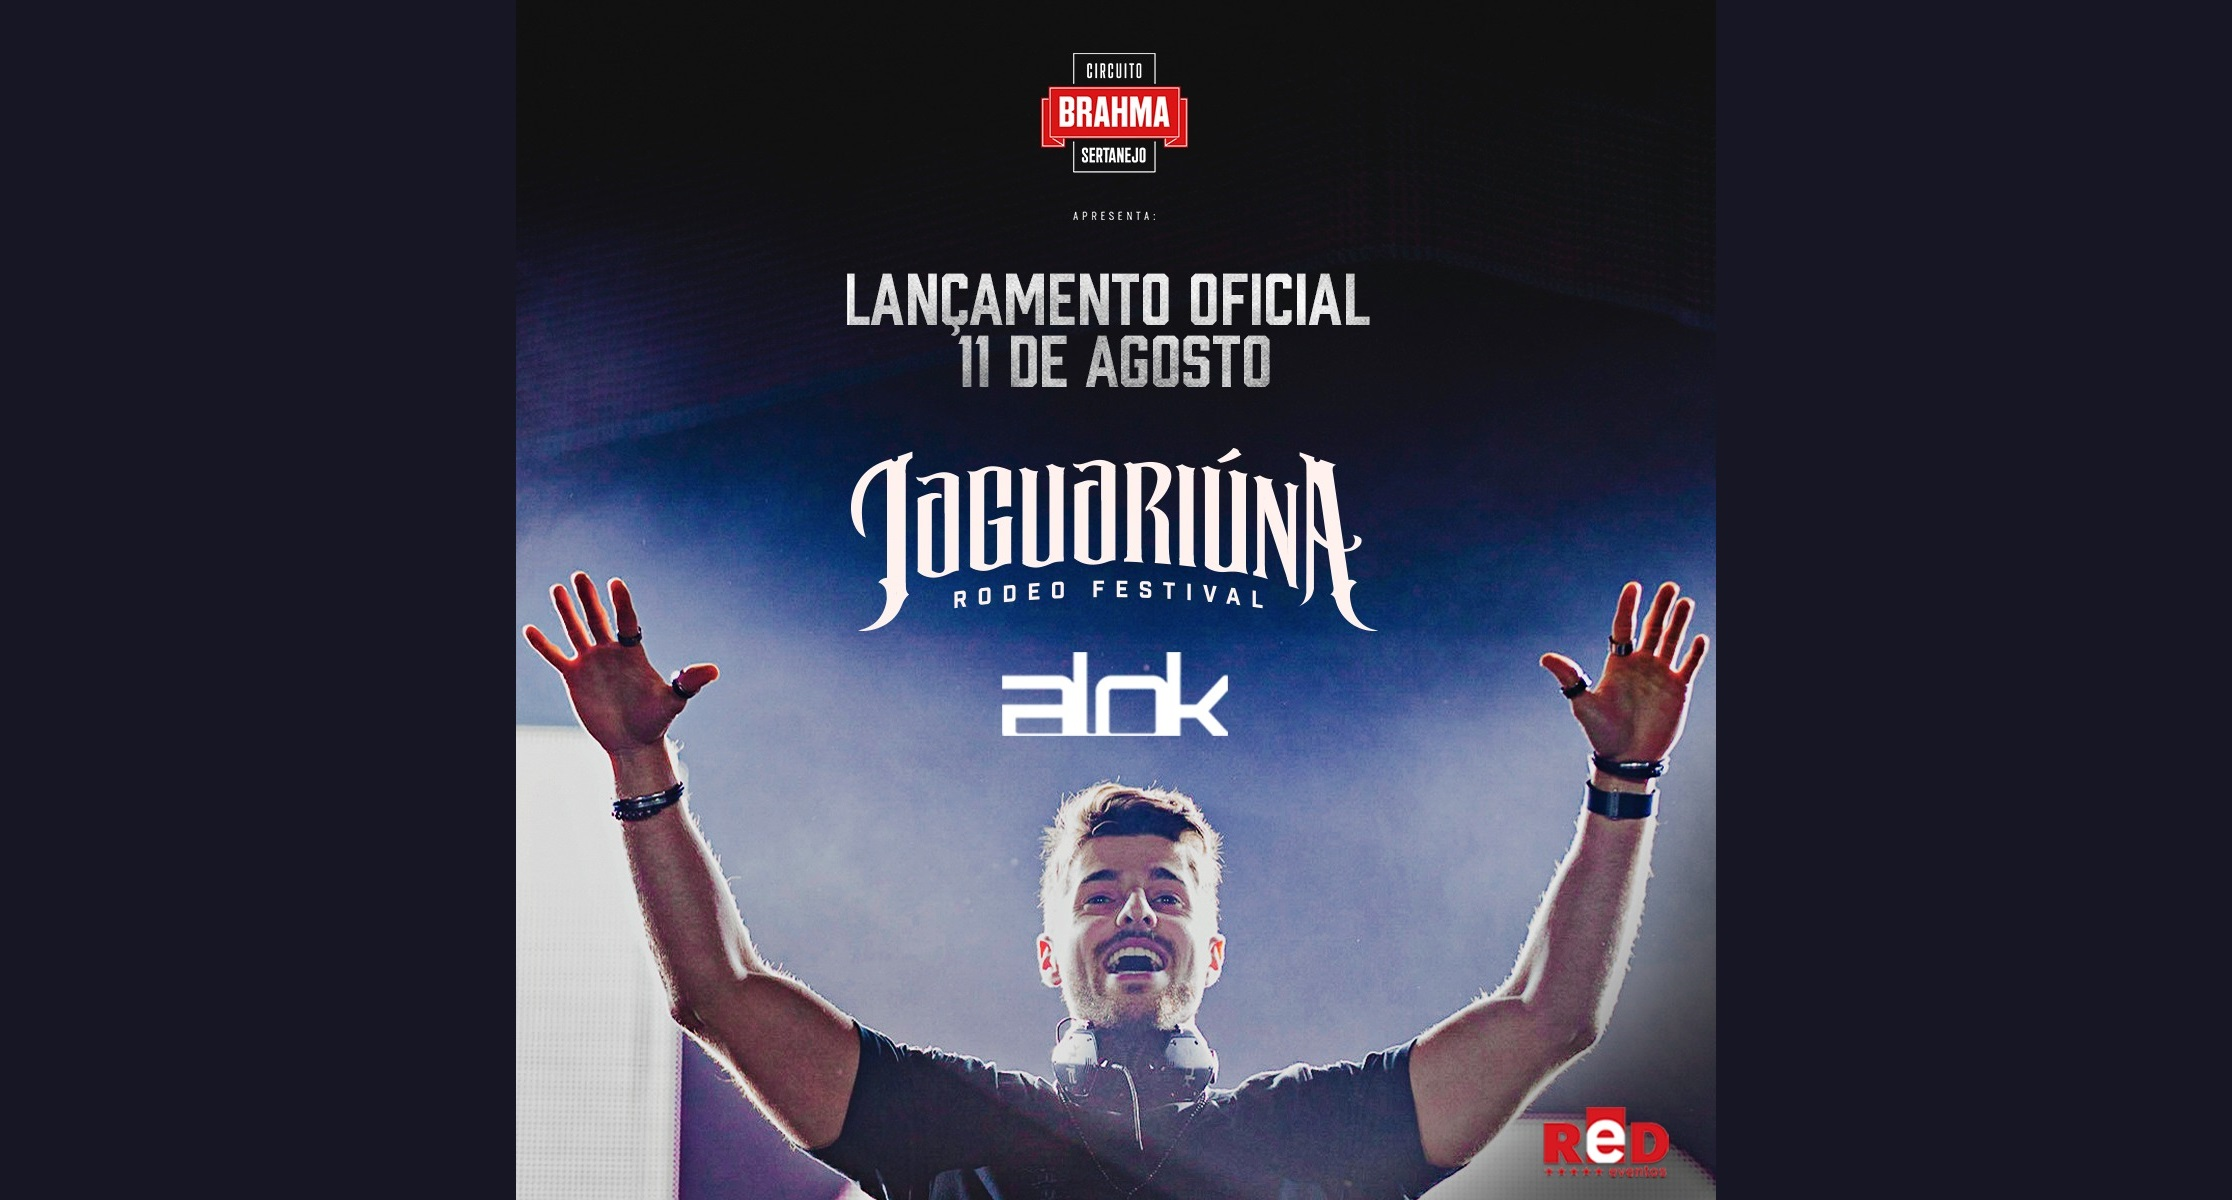 DJ Alok comanda festa de lançamento oficial do Jaguariúna Rodeo Festival 2017 41